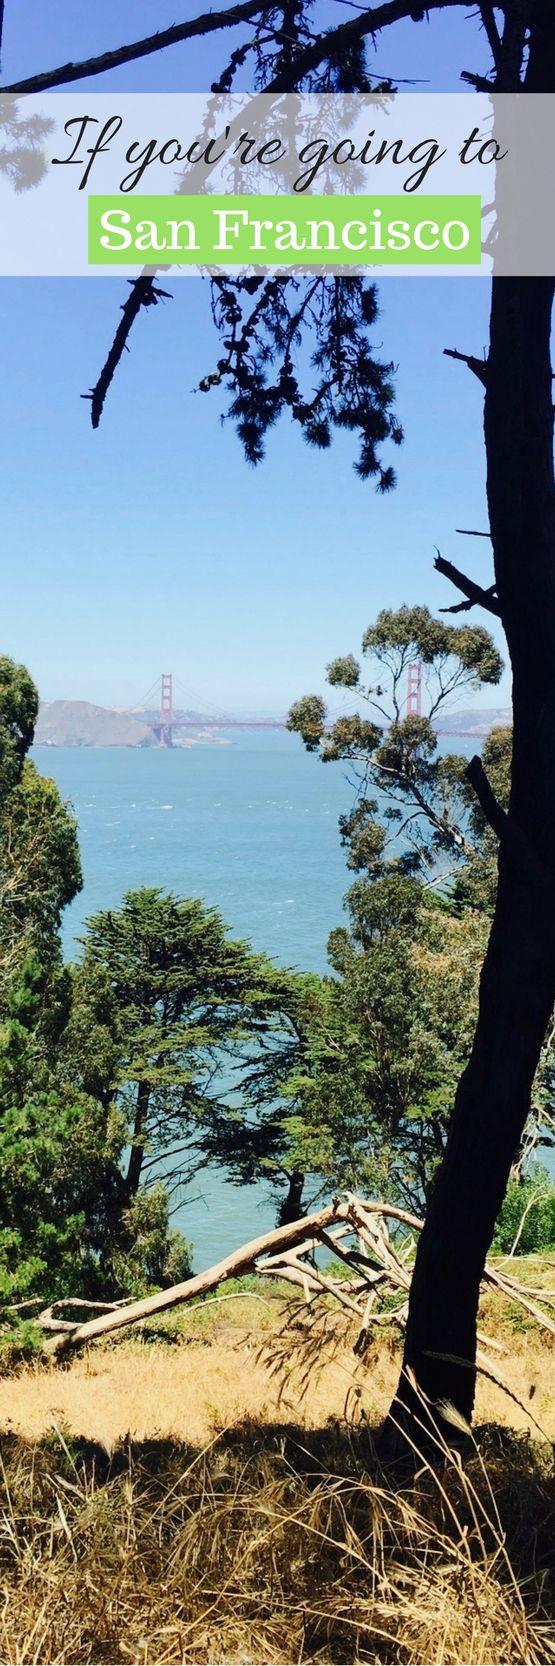 Auf unserem Roadtrip ging es nach New York weiter nach San Francisco. Einmal von Osten nach Westen. San Francisco ist toll. Und es gibt ne Menge zu erleben in der Stadt am Pazifik. Das schönste aber für mich ist die Golden Gate Bridge. Die Brücke ist DAS Wahrzeichen der Stadt und bietet sich ideal als tolles Fotomotiv. Du bist auch bald in San Francisco? Überquere auf jeden Fall die Brücke zu Fuß. Bei tollem Wetter, blauem Himmel und früh morgens machten wir uns auf den Weg. Bist du auch…